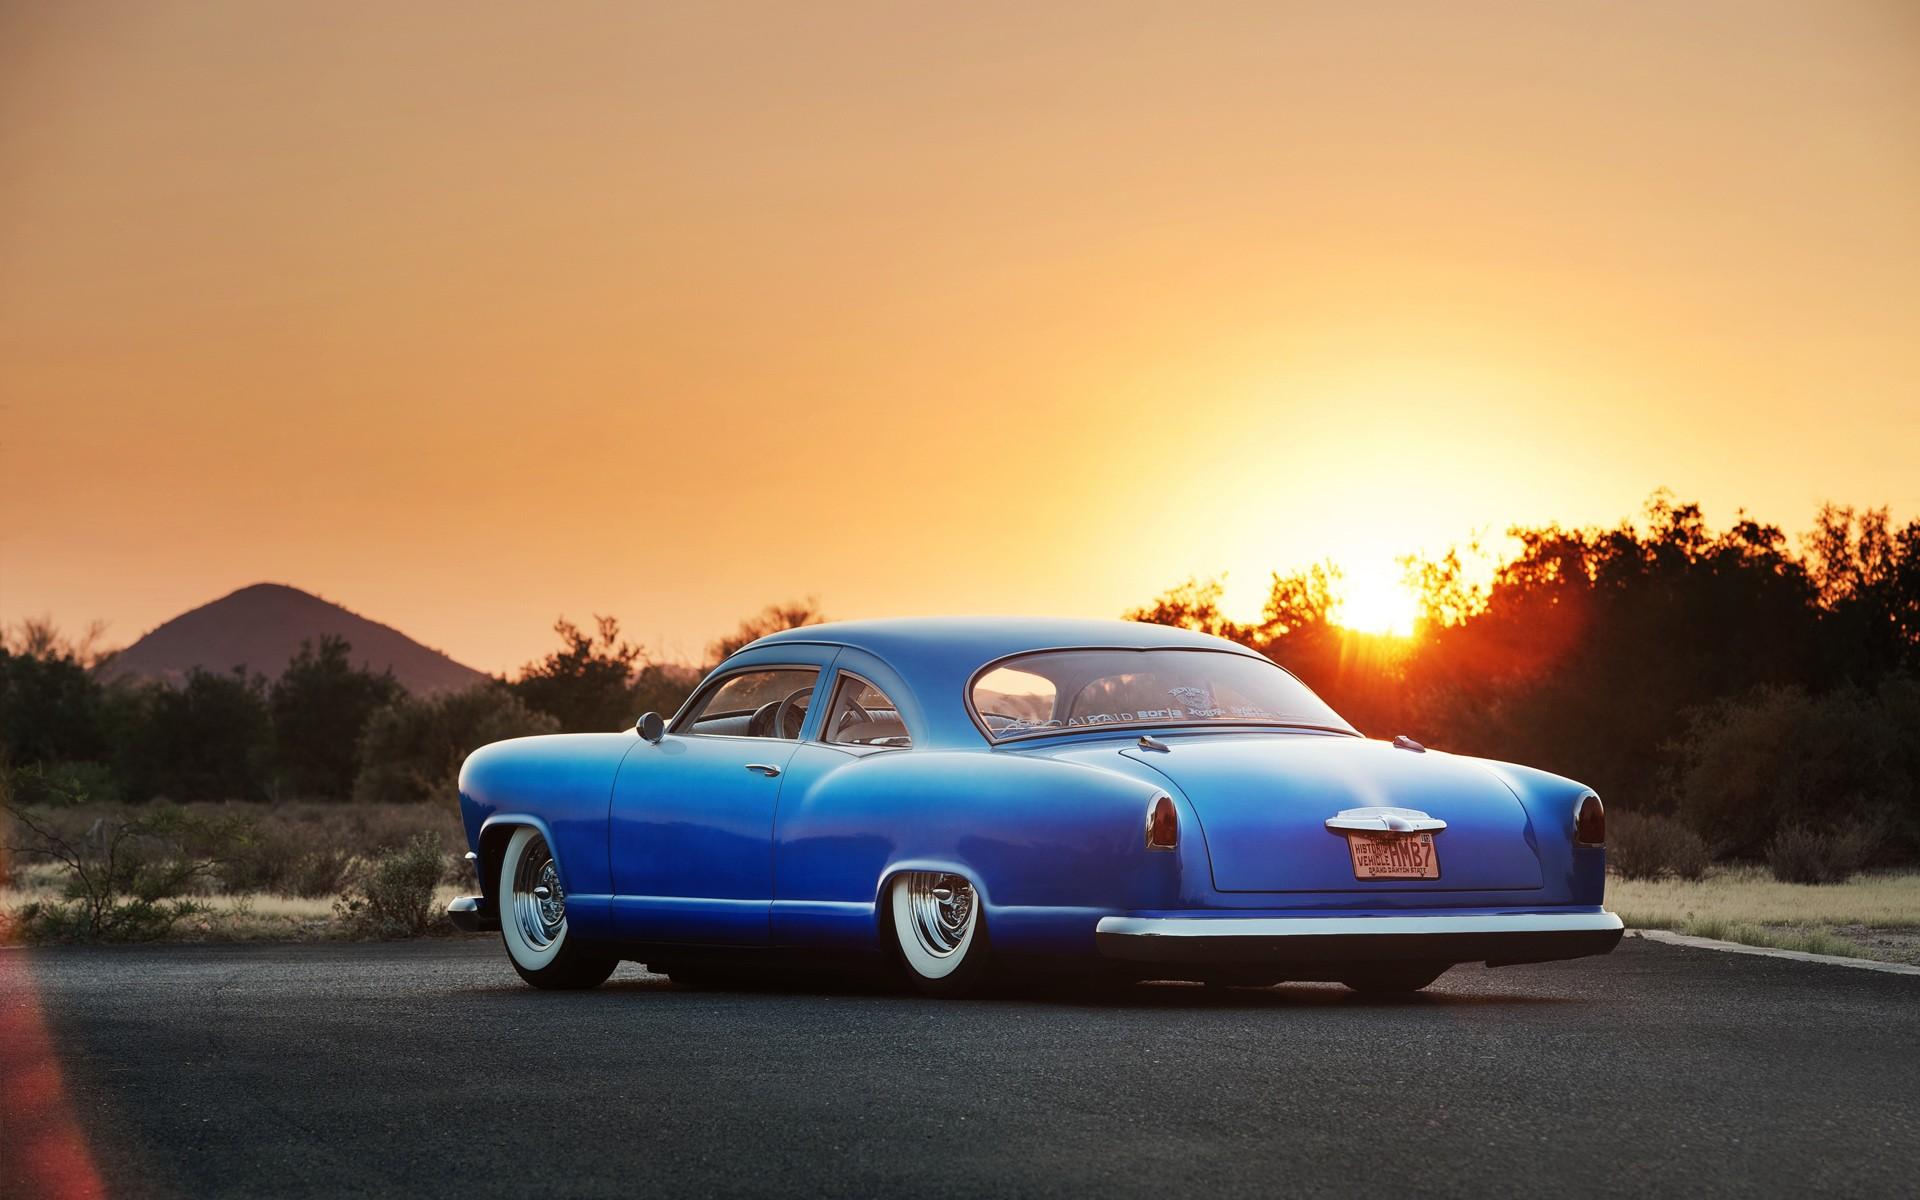 Cars Wallpapers: Dragn Kaiser 2 Wallpaper